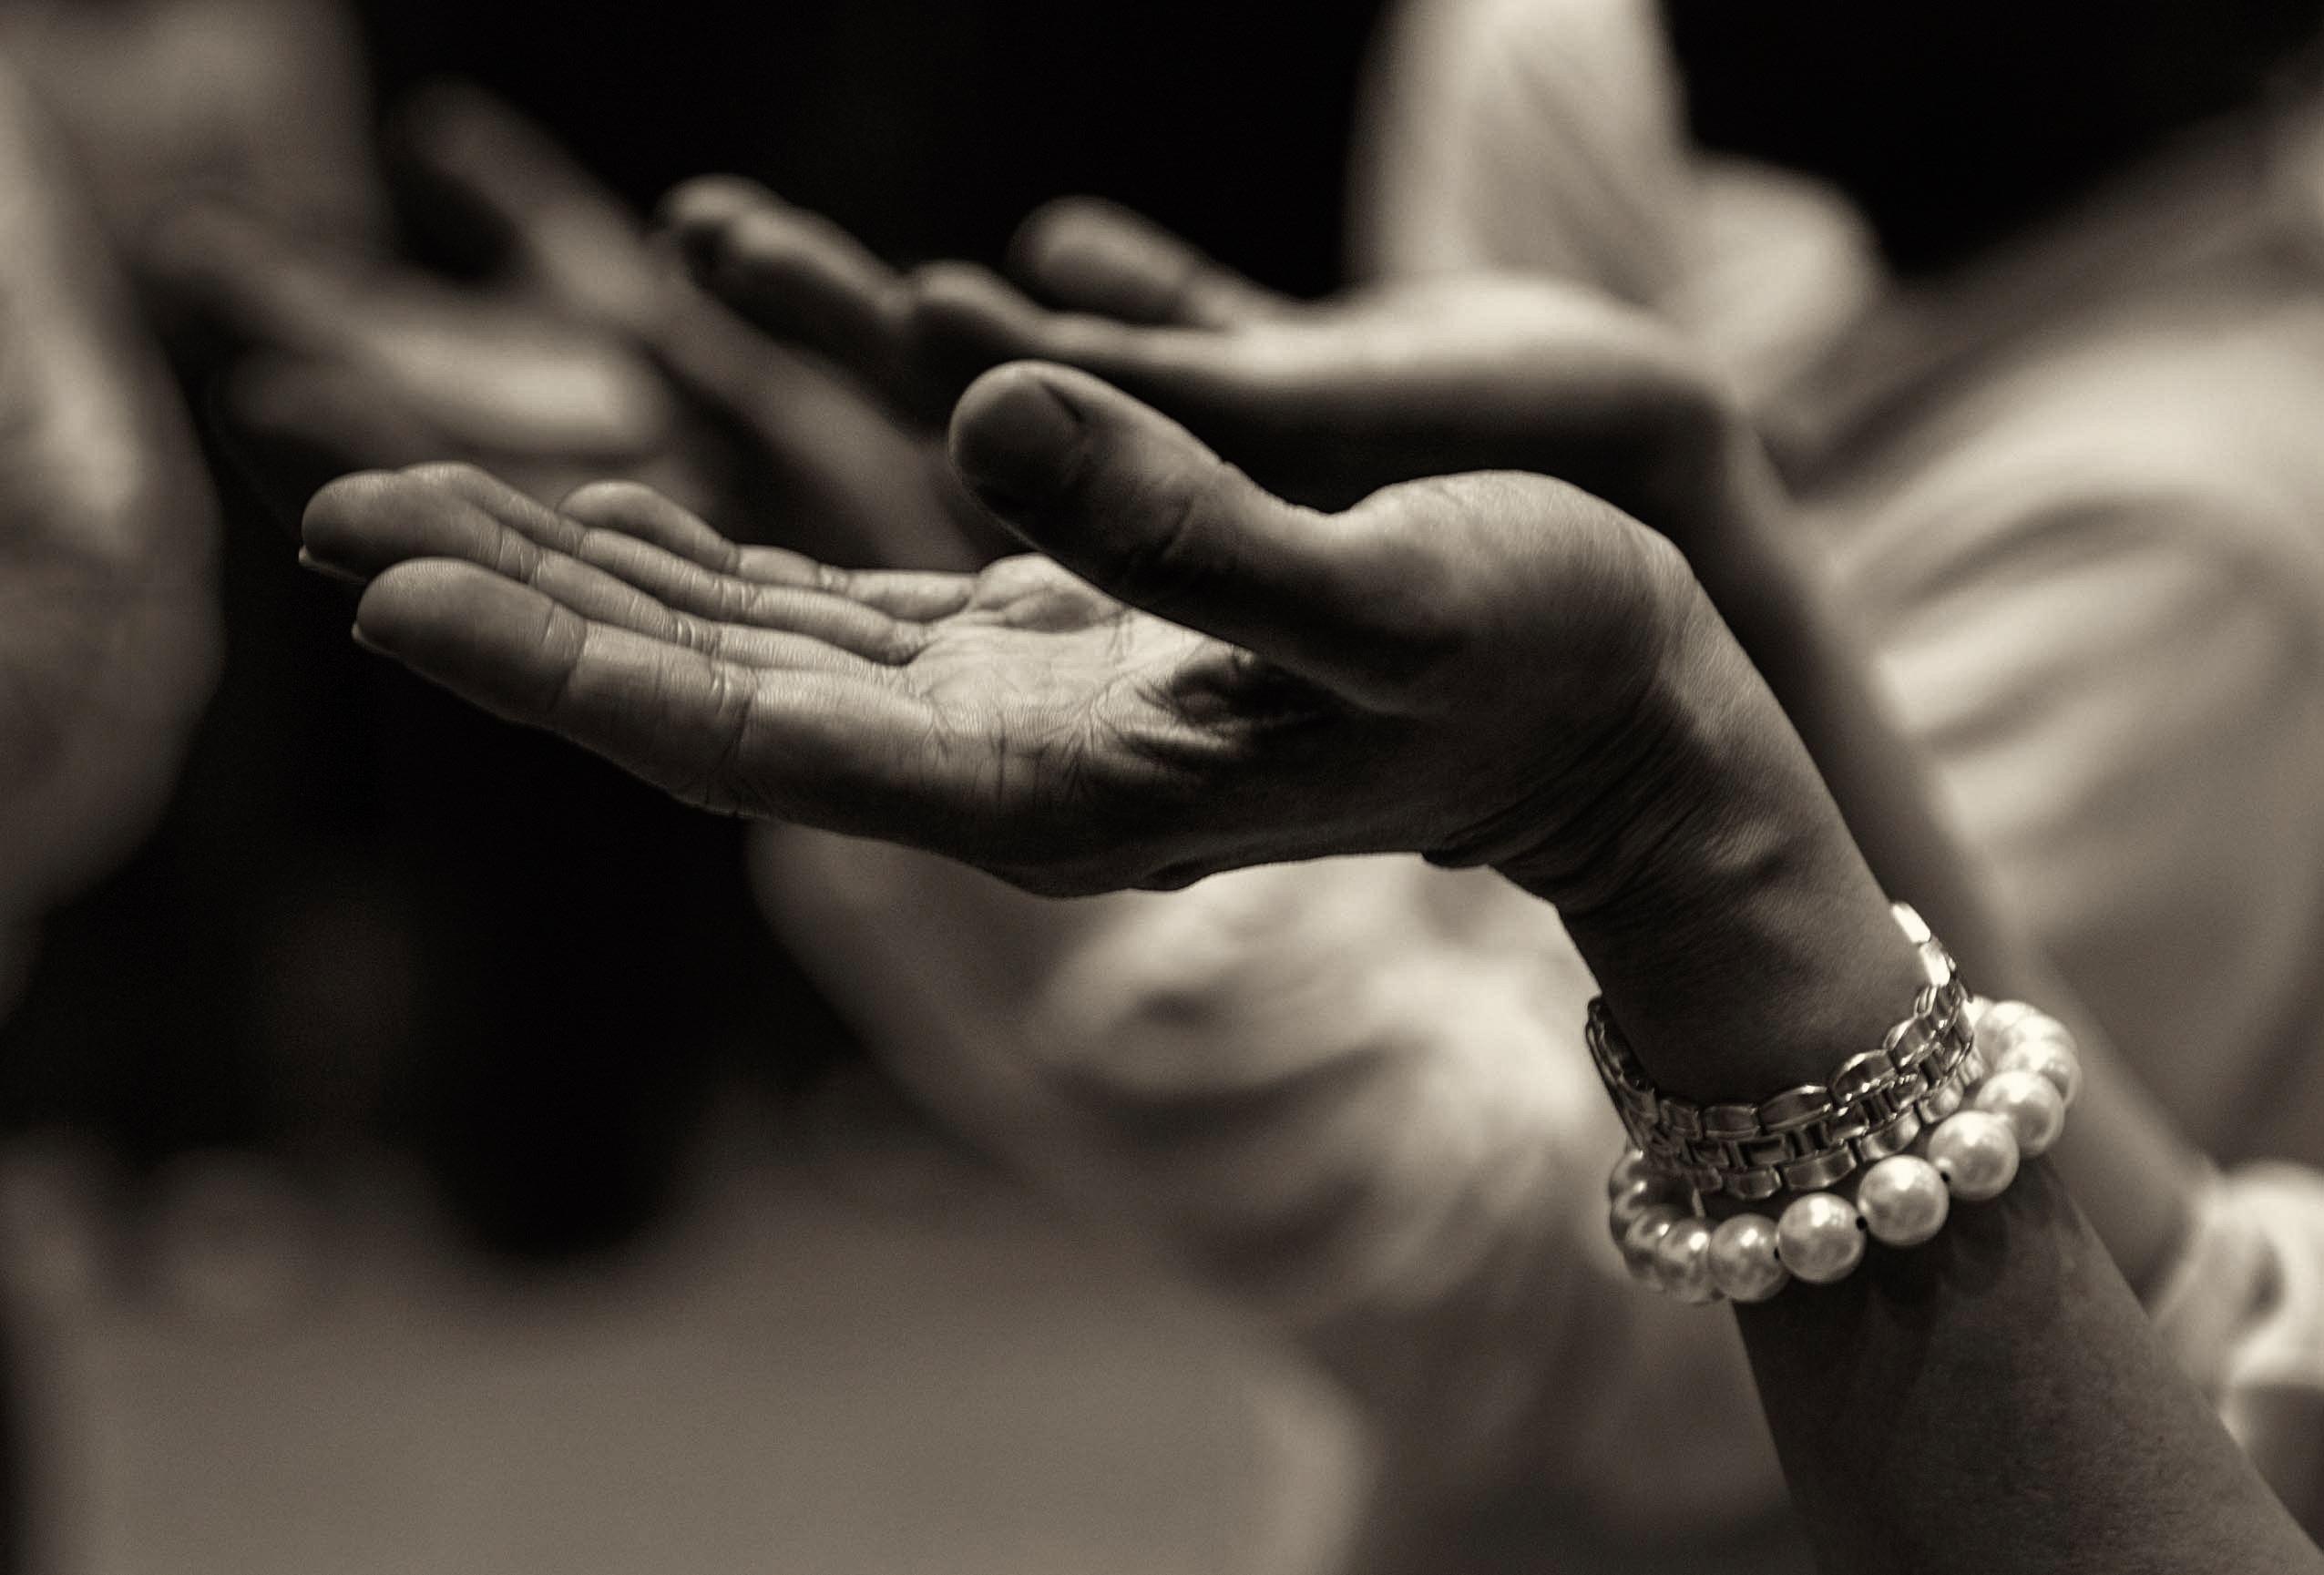 Emeld tudatszintedet az új évre a lelki béke imájával!